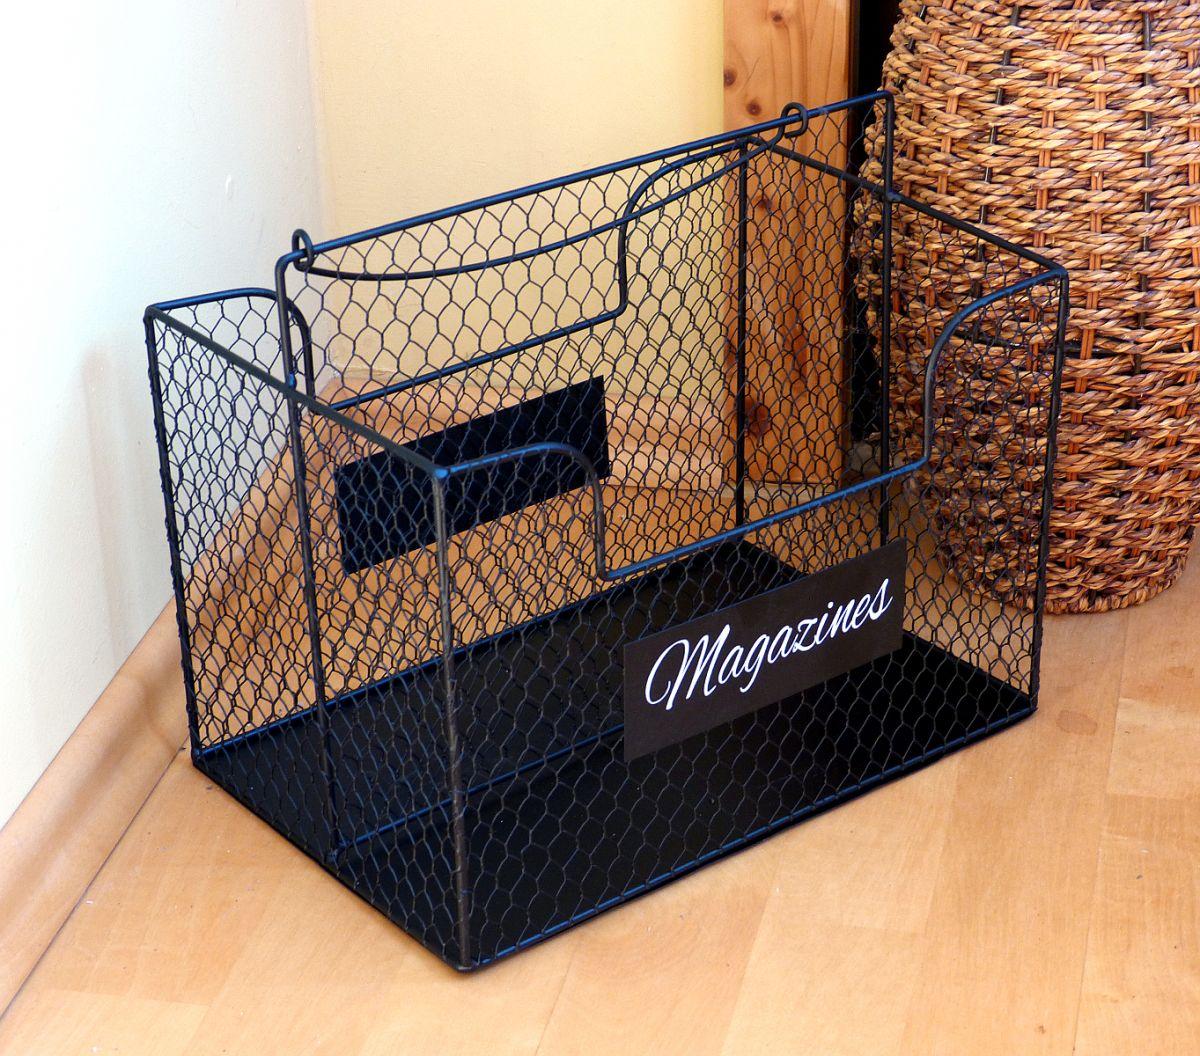 zeitschriftenst nder zeitungsst nder zeitungskorb. Black Bedroom Furniture Sets. Home Design Ideas